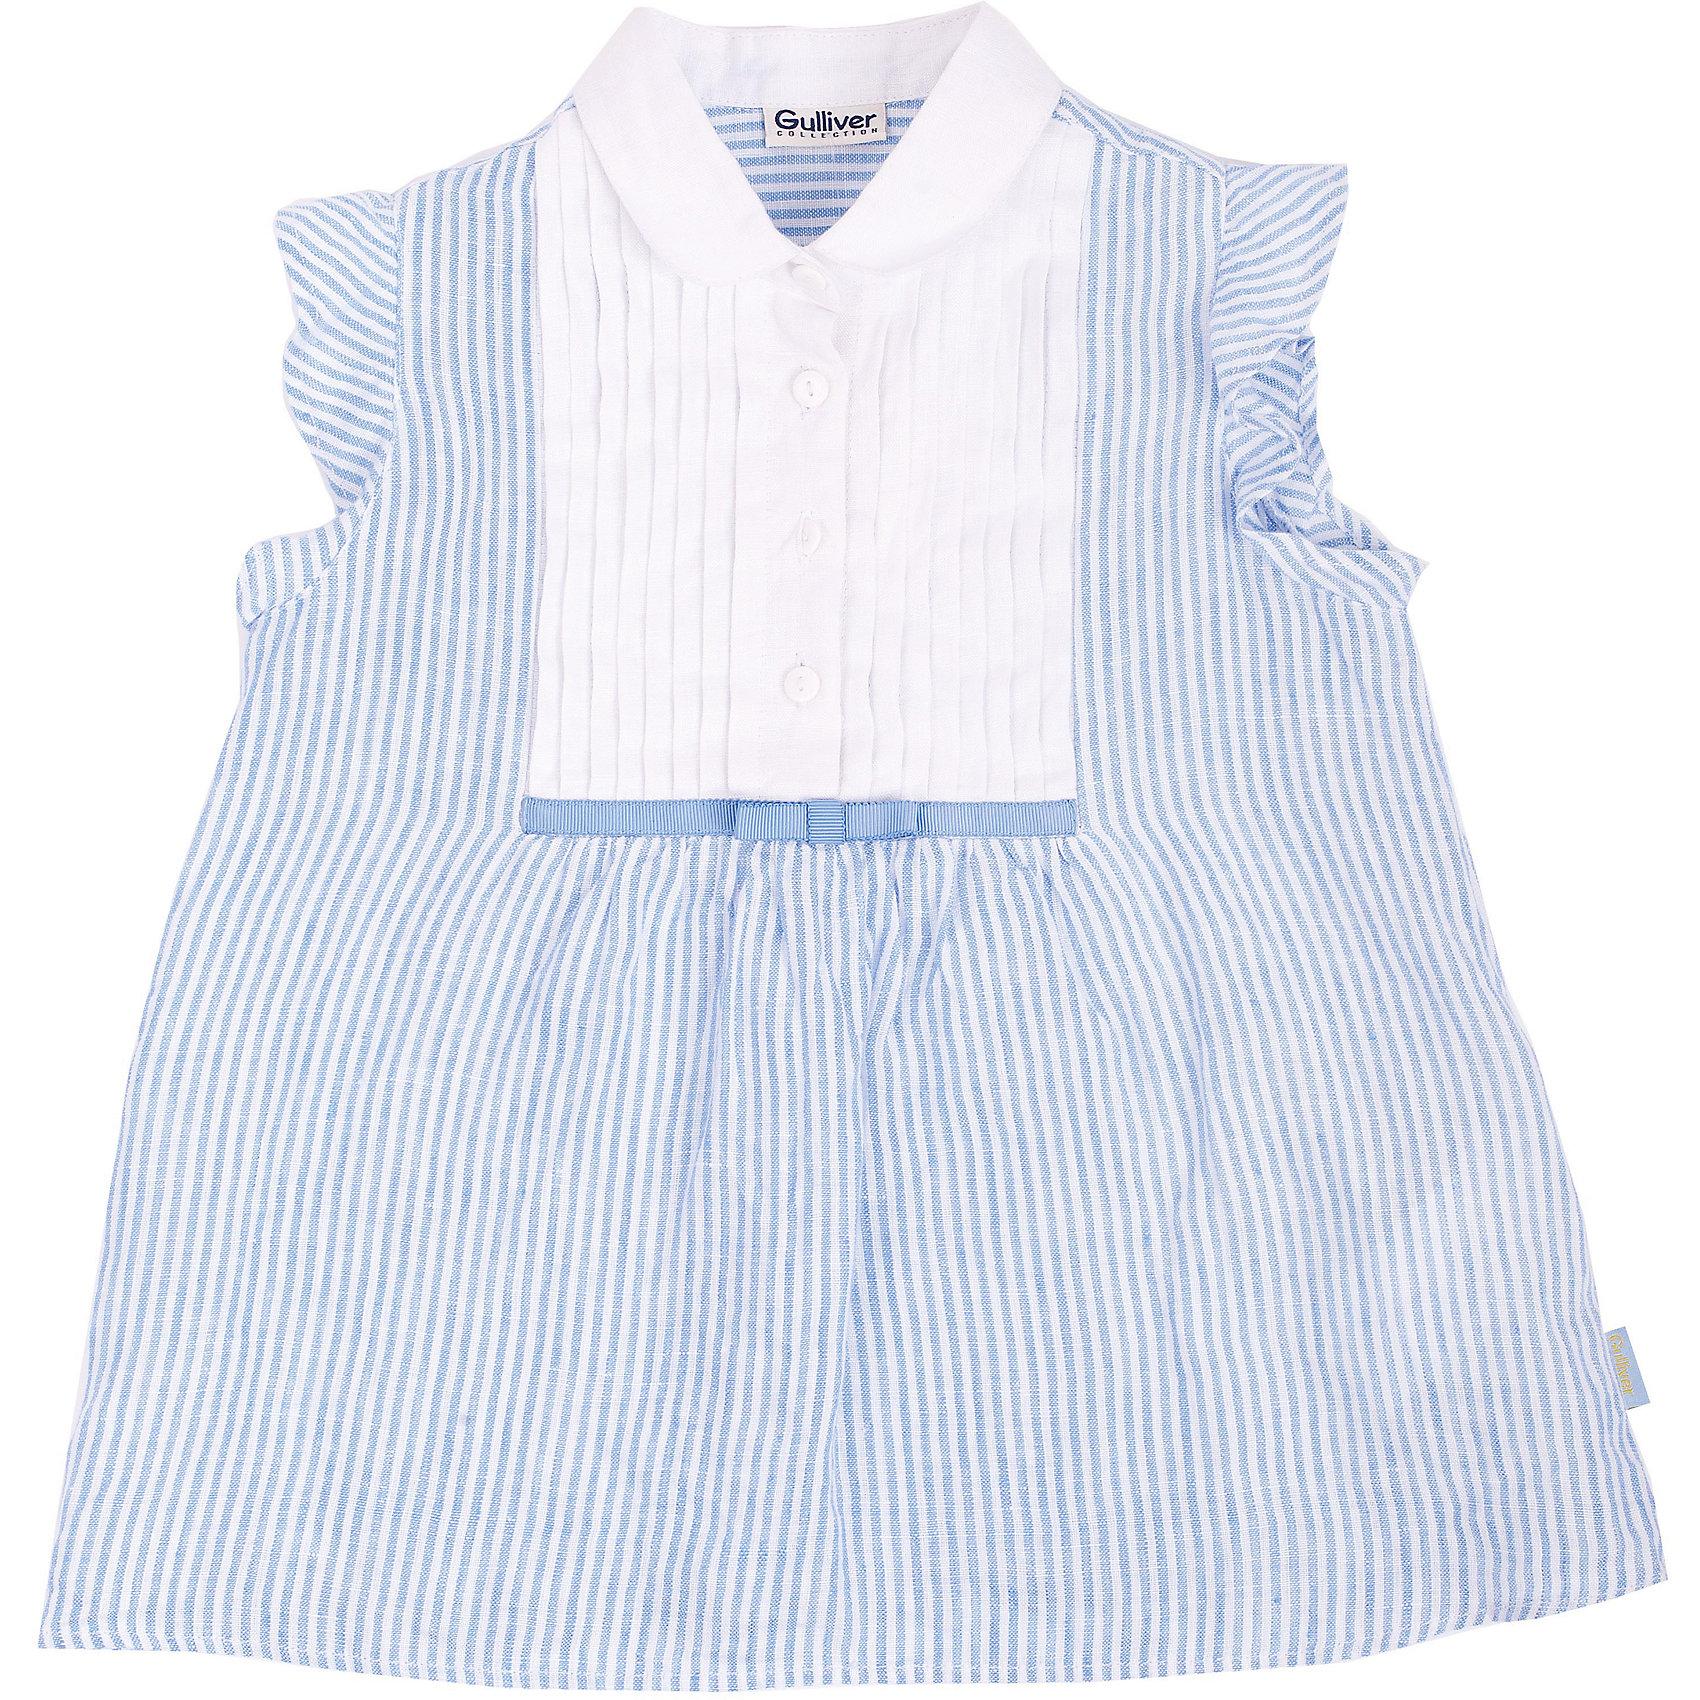 Блузка для девочки GulliverБлузки и рубашки<br>Легкая красивая блузка из льна – замечательный вариант для жаркого лета. Она выглядит нежно и романтично, благодаря деликатной полоске, белоснежной манишке и игривым крылышкам. Стильная блузка - хит сезона Весна/Лето 2016, а значит необходимая вещь в гардеробе юной модницы. В ней, как говорят, и в пир, и в мир! Если вы хотите купить красивую блузку для девочки на все случаи жизни – эта модель станет отличным выбором.<br>Состав:<br>100% лён<br><br>Ширина мм: 186<br>Глубина мм: 87<br>Высота мм: 198<br>Вес г: 197<br>Цвет: белый/синий<br>Возраст от месяцев: 60<br>Возраст до месяцев: 72<br>Пол: Женский<br>Возраст: Детский<br>Размер: 116,98,110,104<br>SKU: 4534597